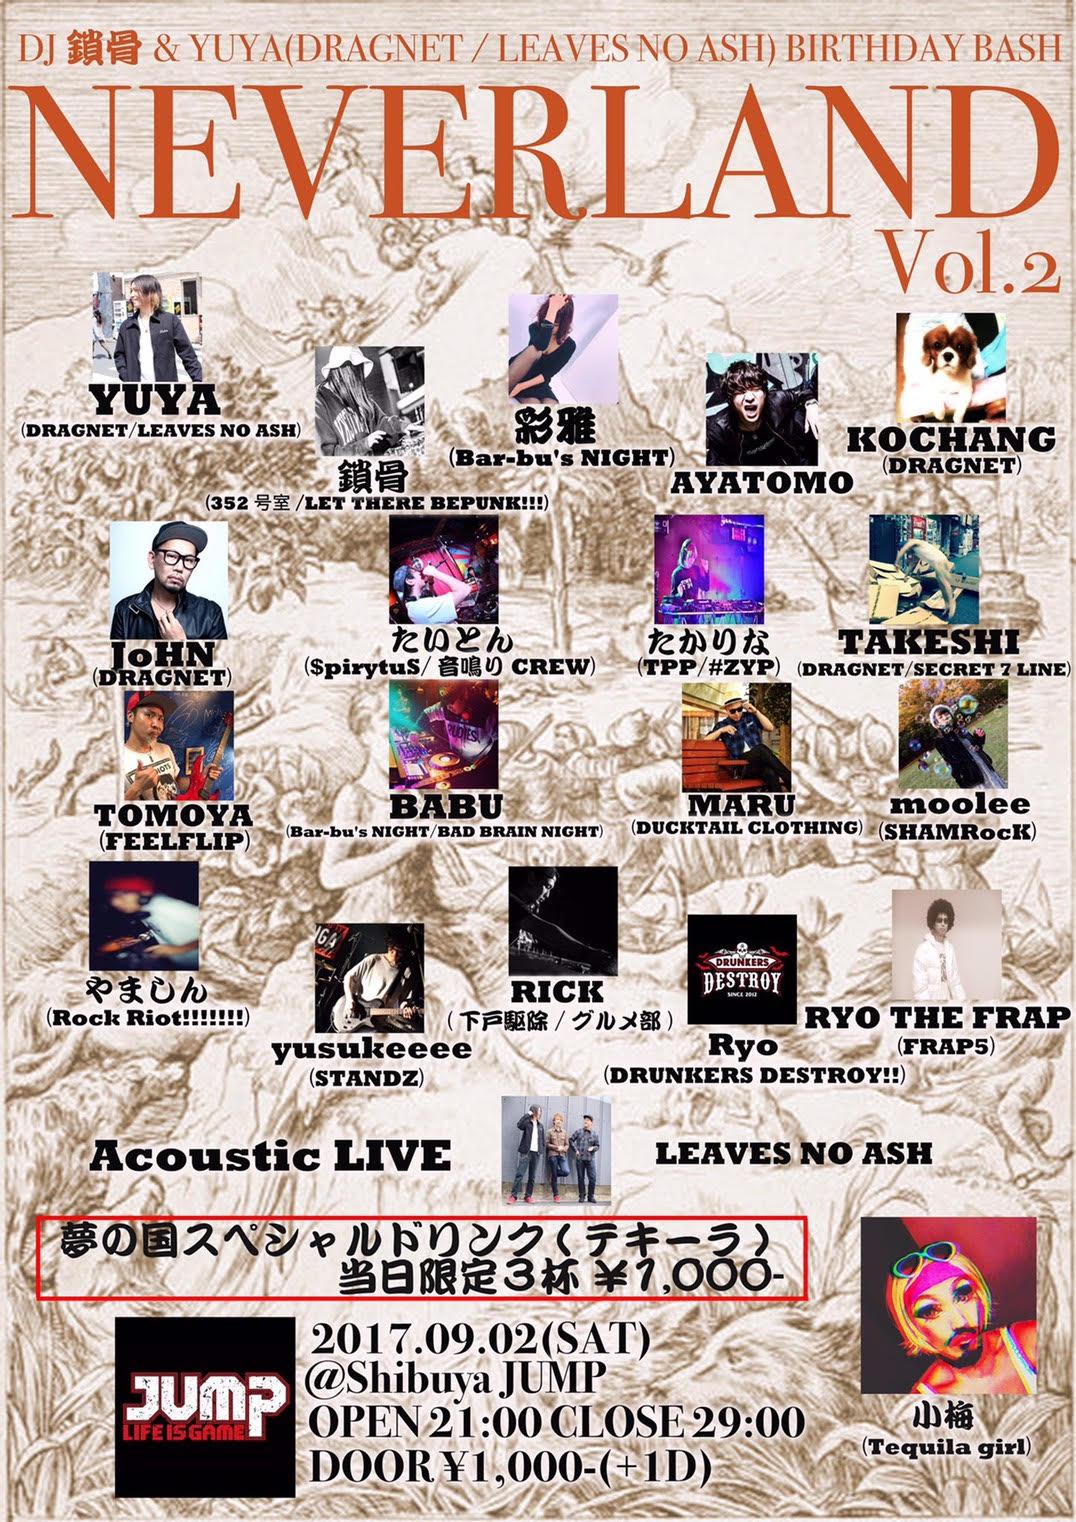 9/2 NEVERLAND Vol.2 @渋谷JUMP 出演キャンセルのお知らせ_c0187573_20323832.jpg